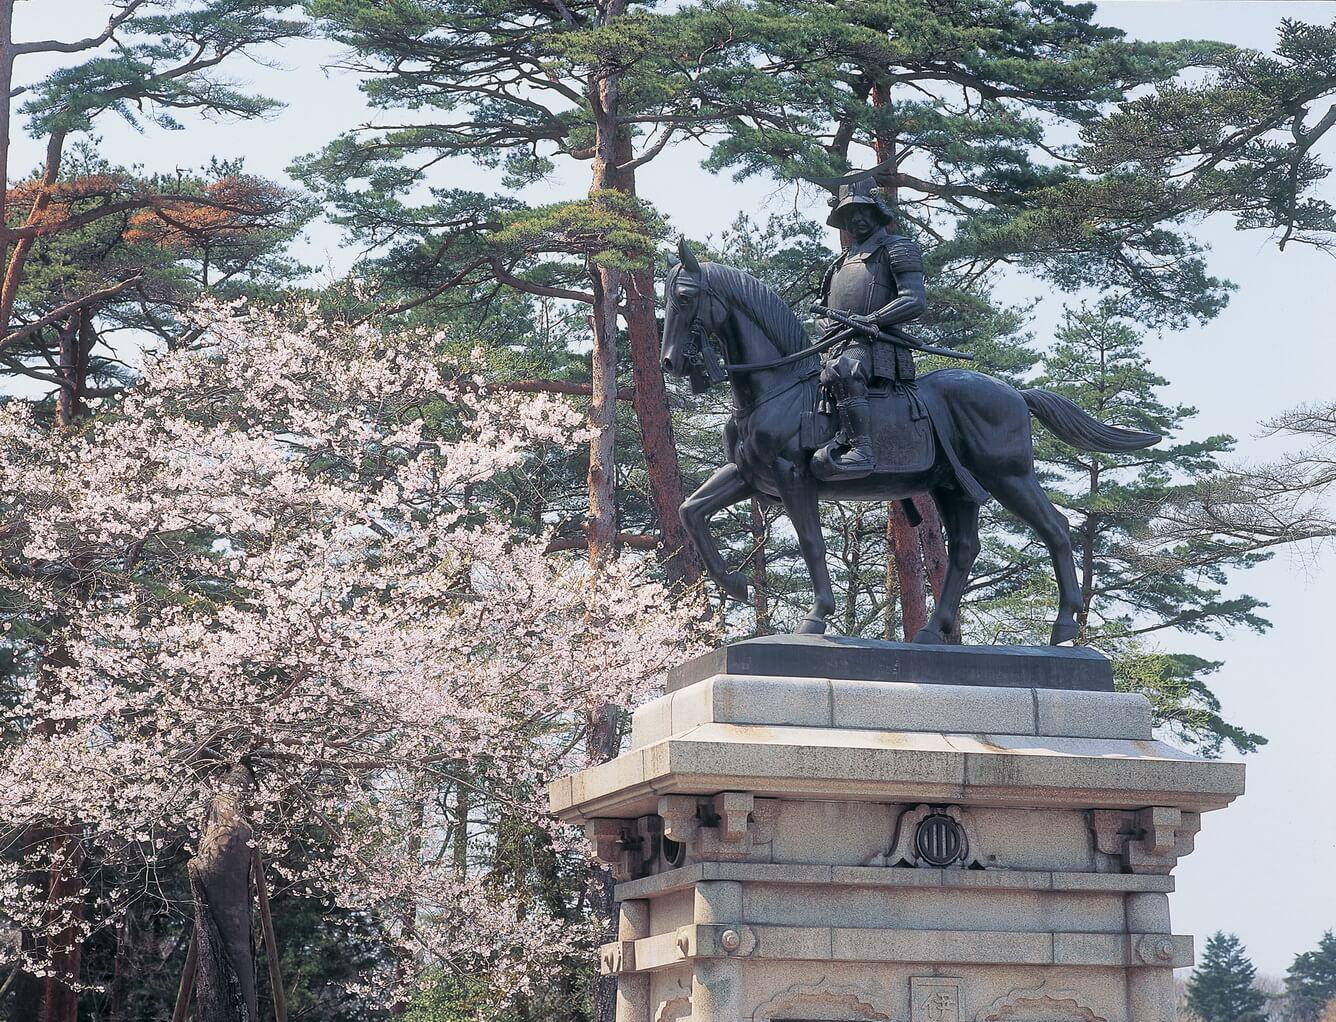 Khám phá thành phố Sendai - khu vực Tohoku